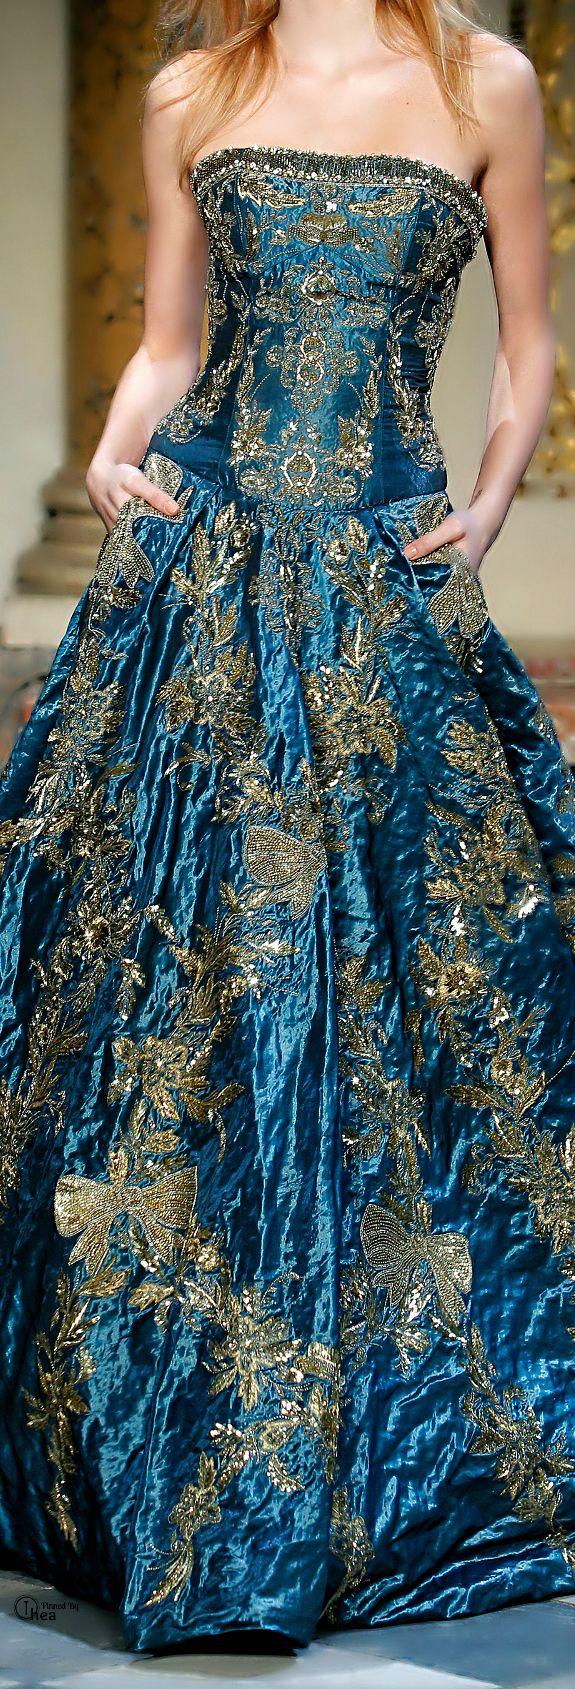 Zuhair murad styles pinterest zuhair murad gowns and gold